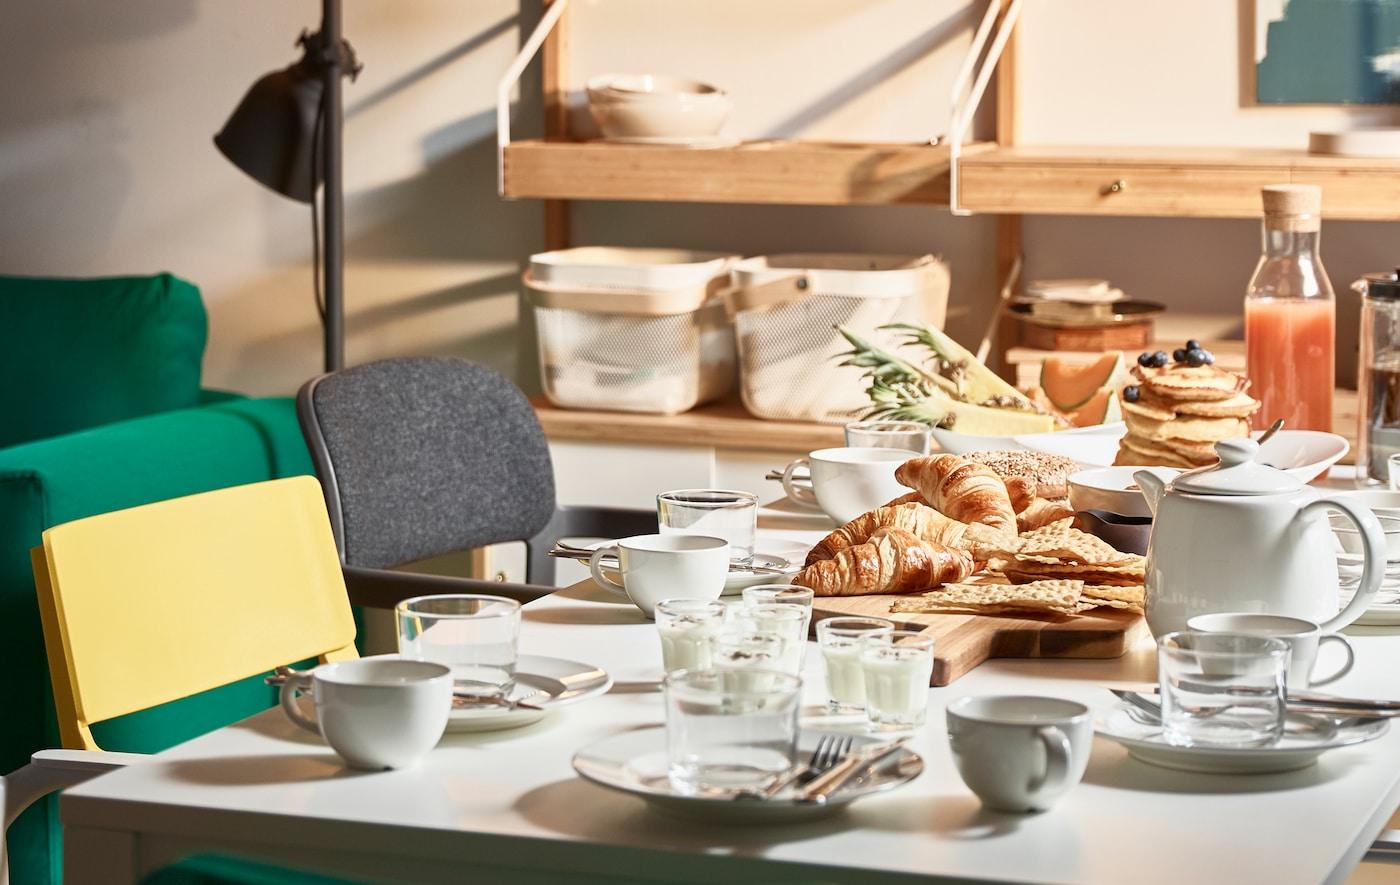 Essen, arbeiten und spielen am Esstisch: Das alles ist möglich mit platzsparenden Möbeln, die auf wenig Raum Platz finden.